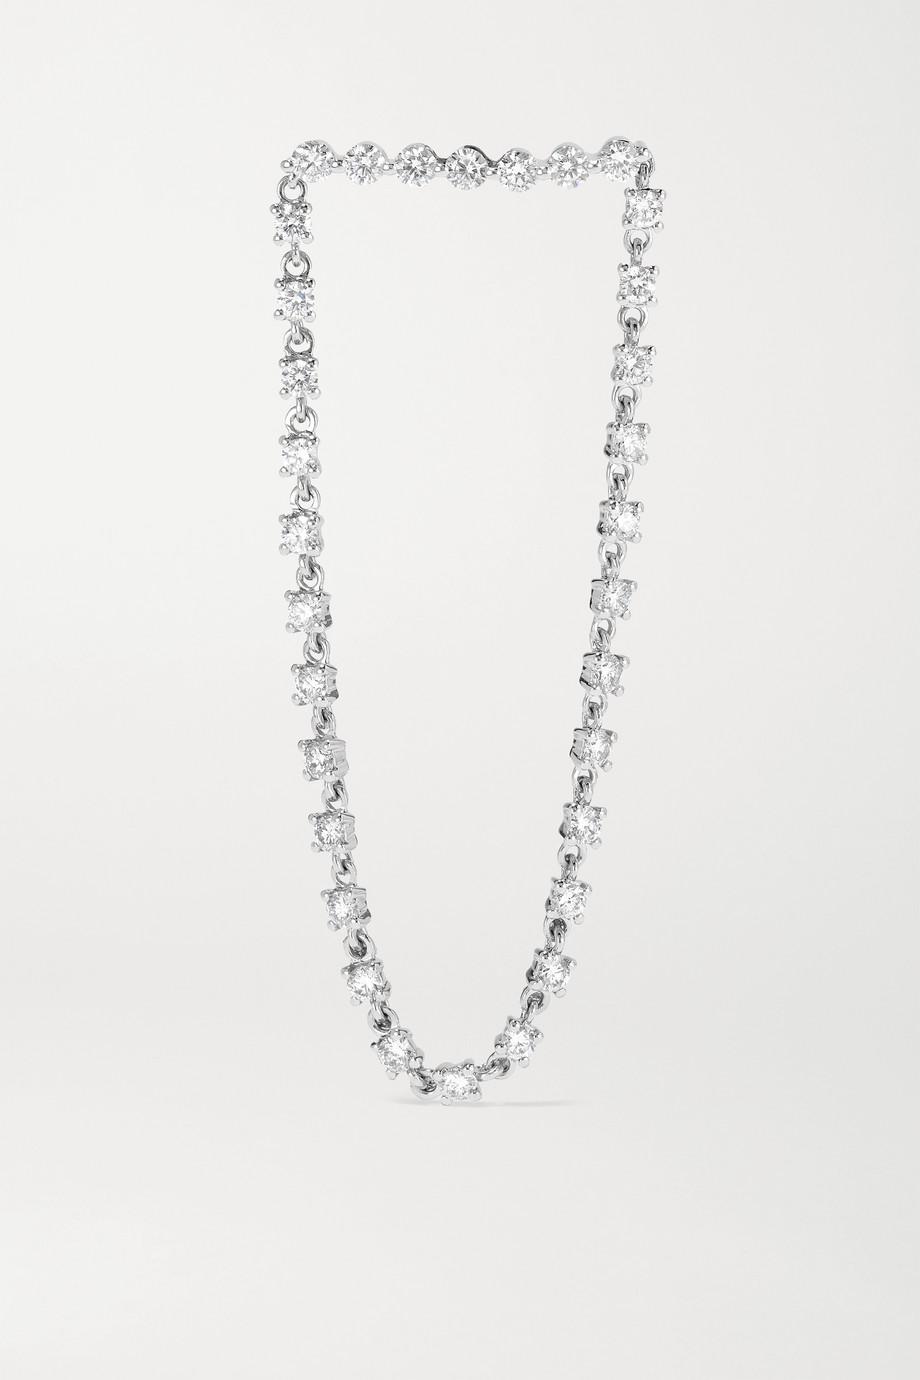 Anita Ko 18-karat white gold diamond earring